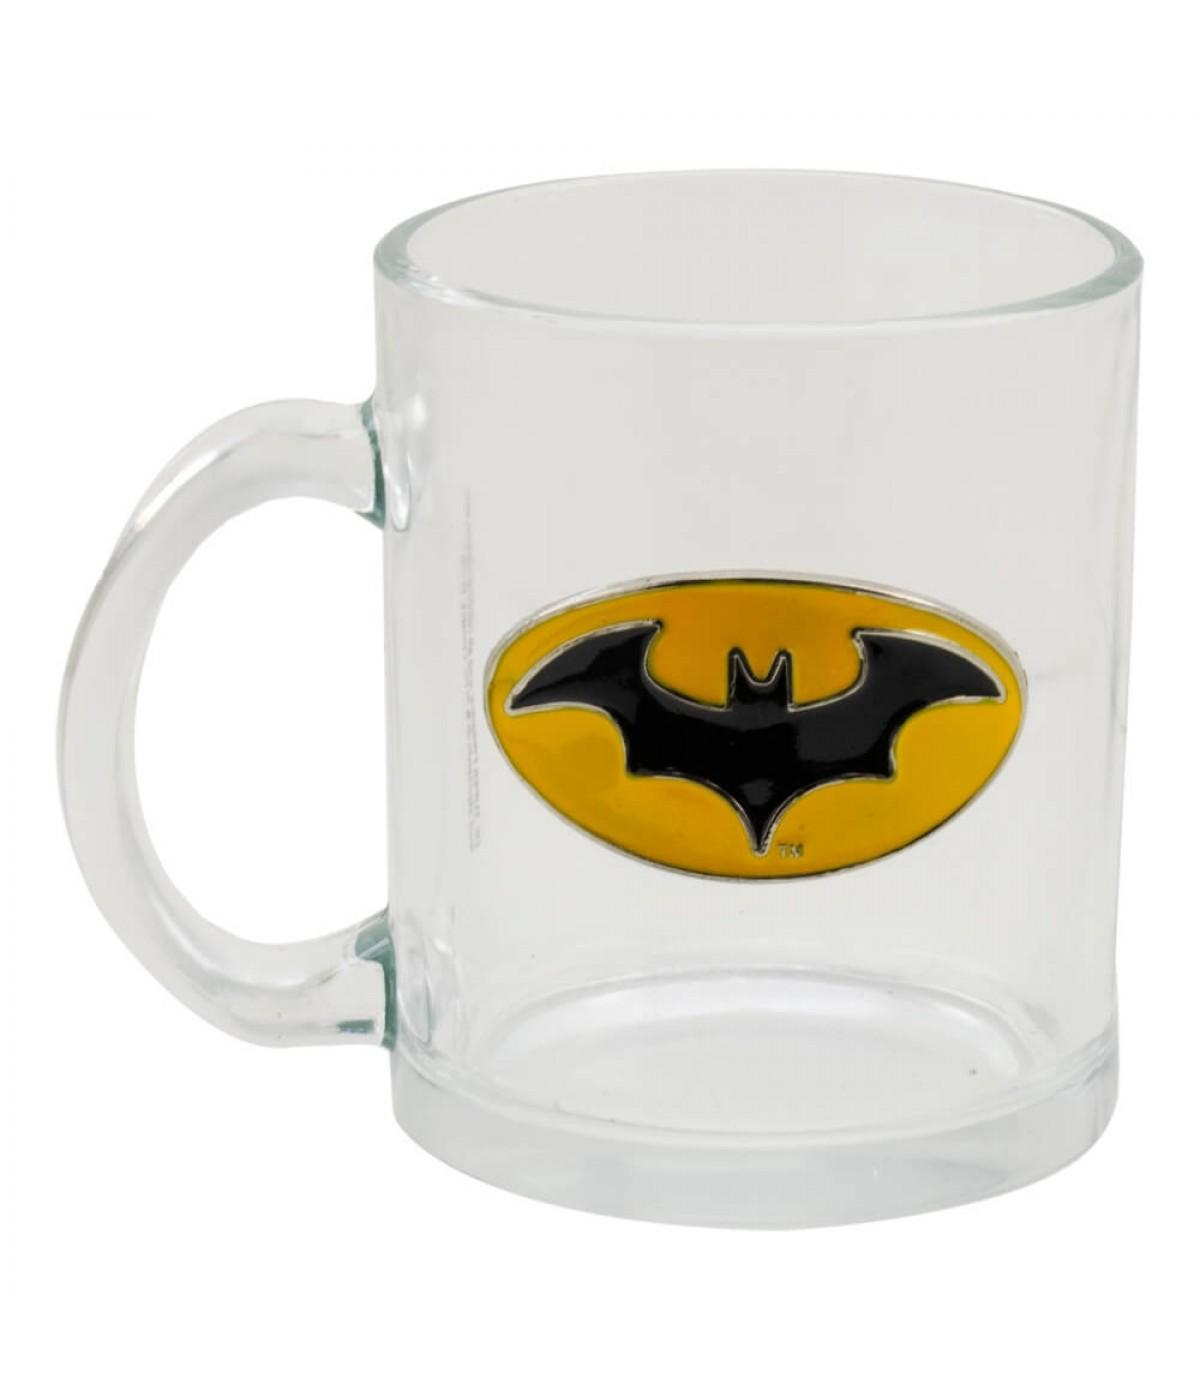 Caneca Vidro Brasão Metal Batman 370ml - Liga Da Justiça